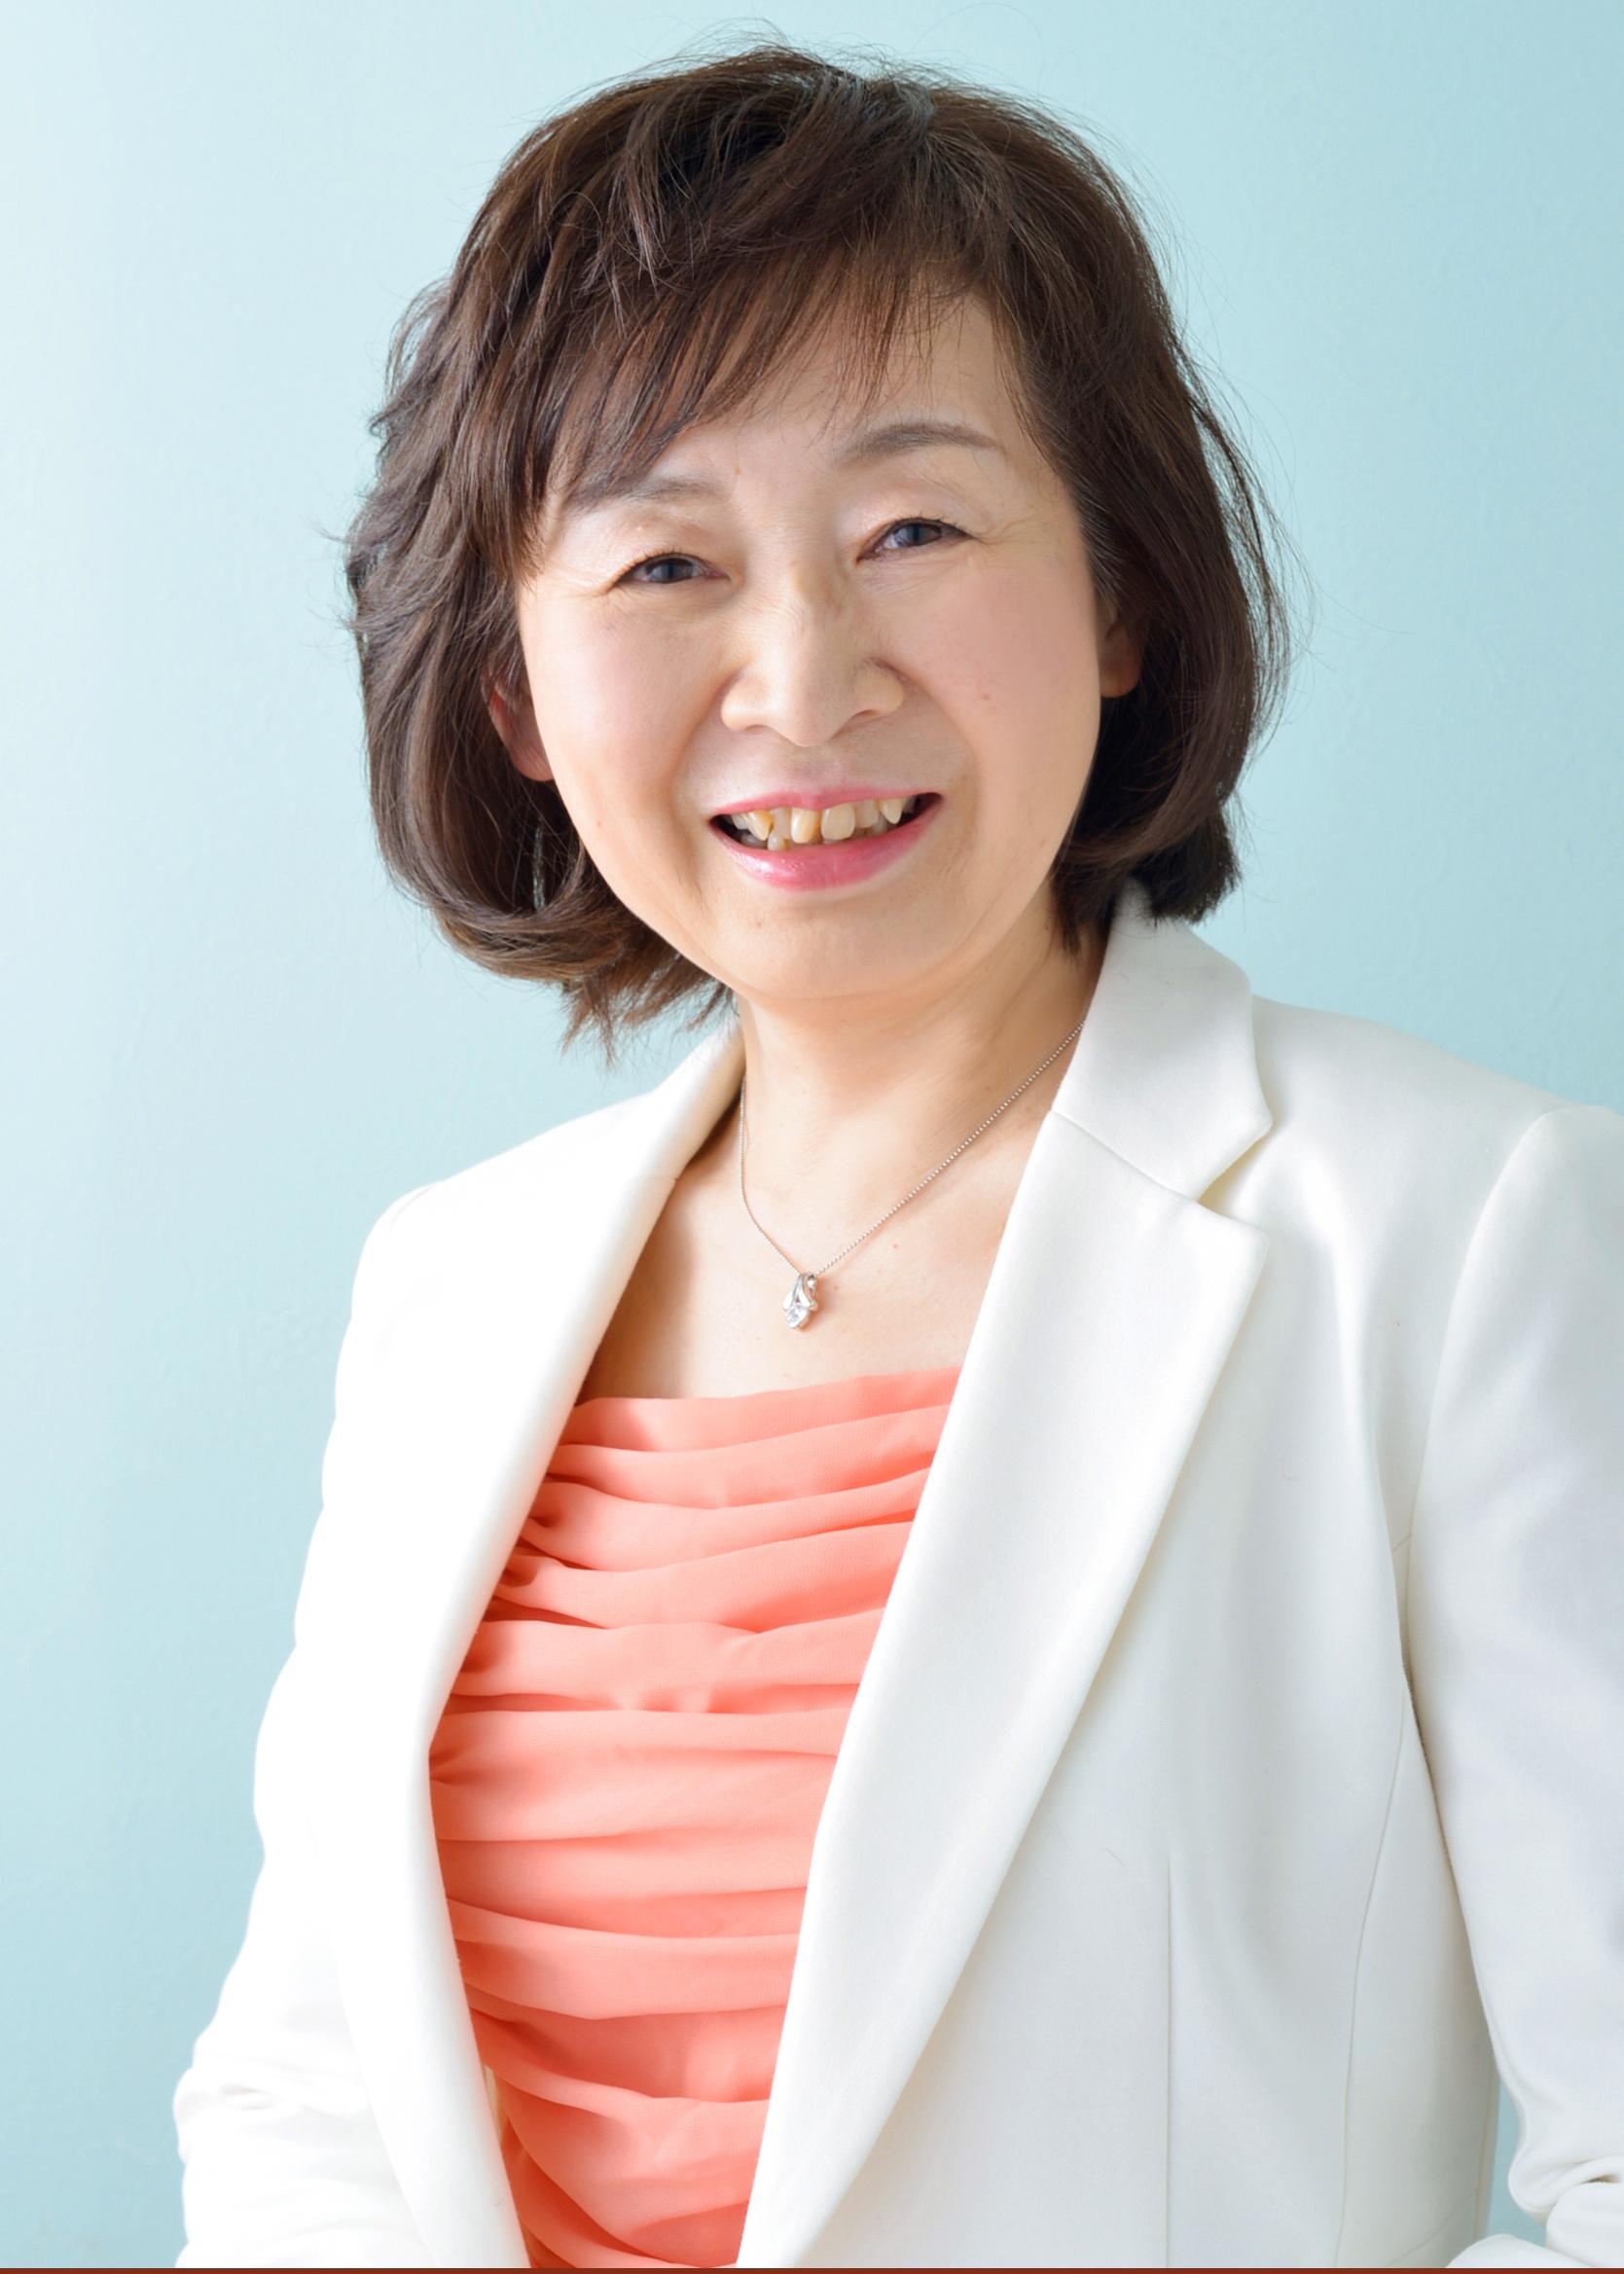 代表者 前田 仁美